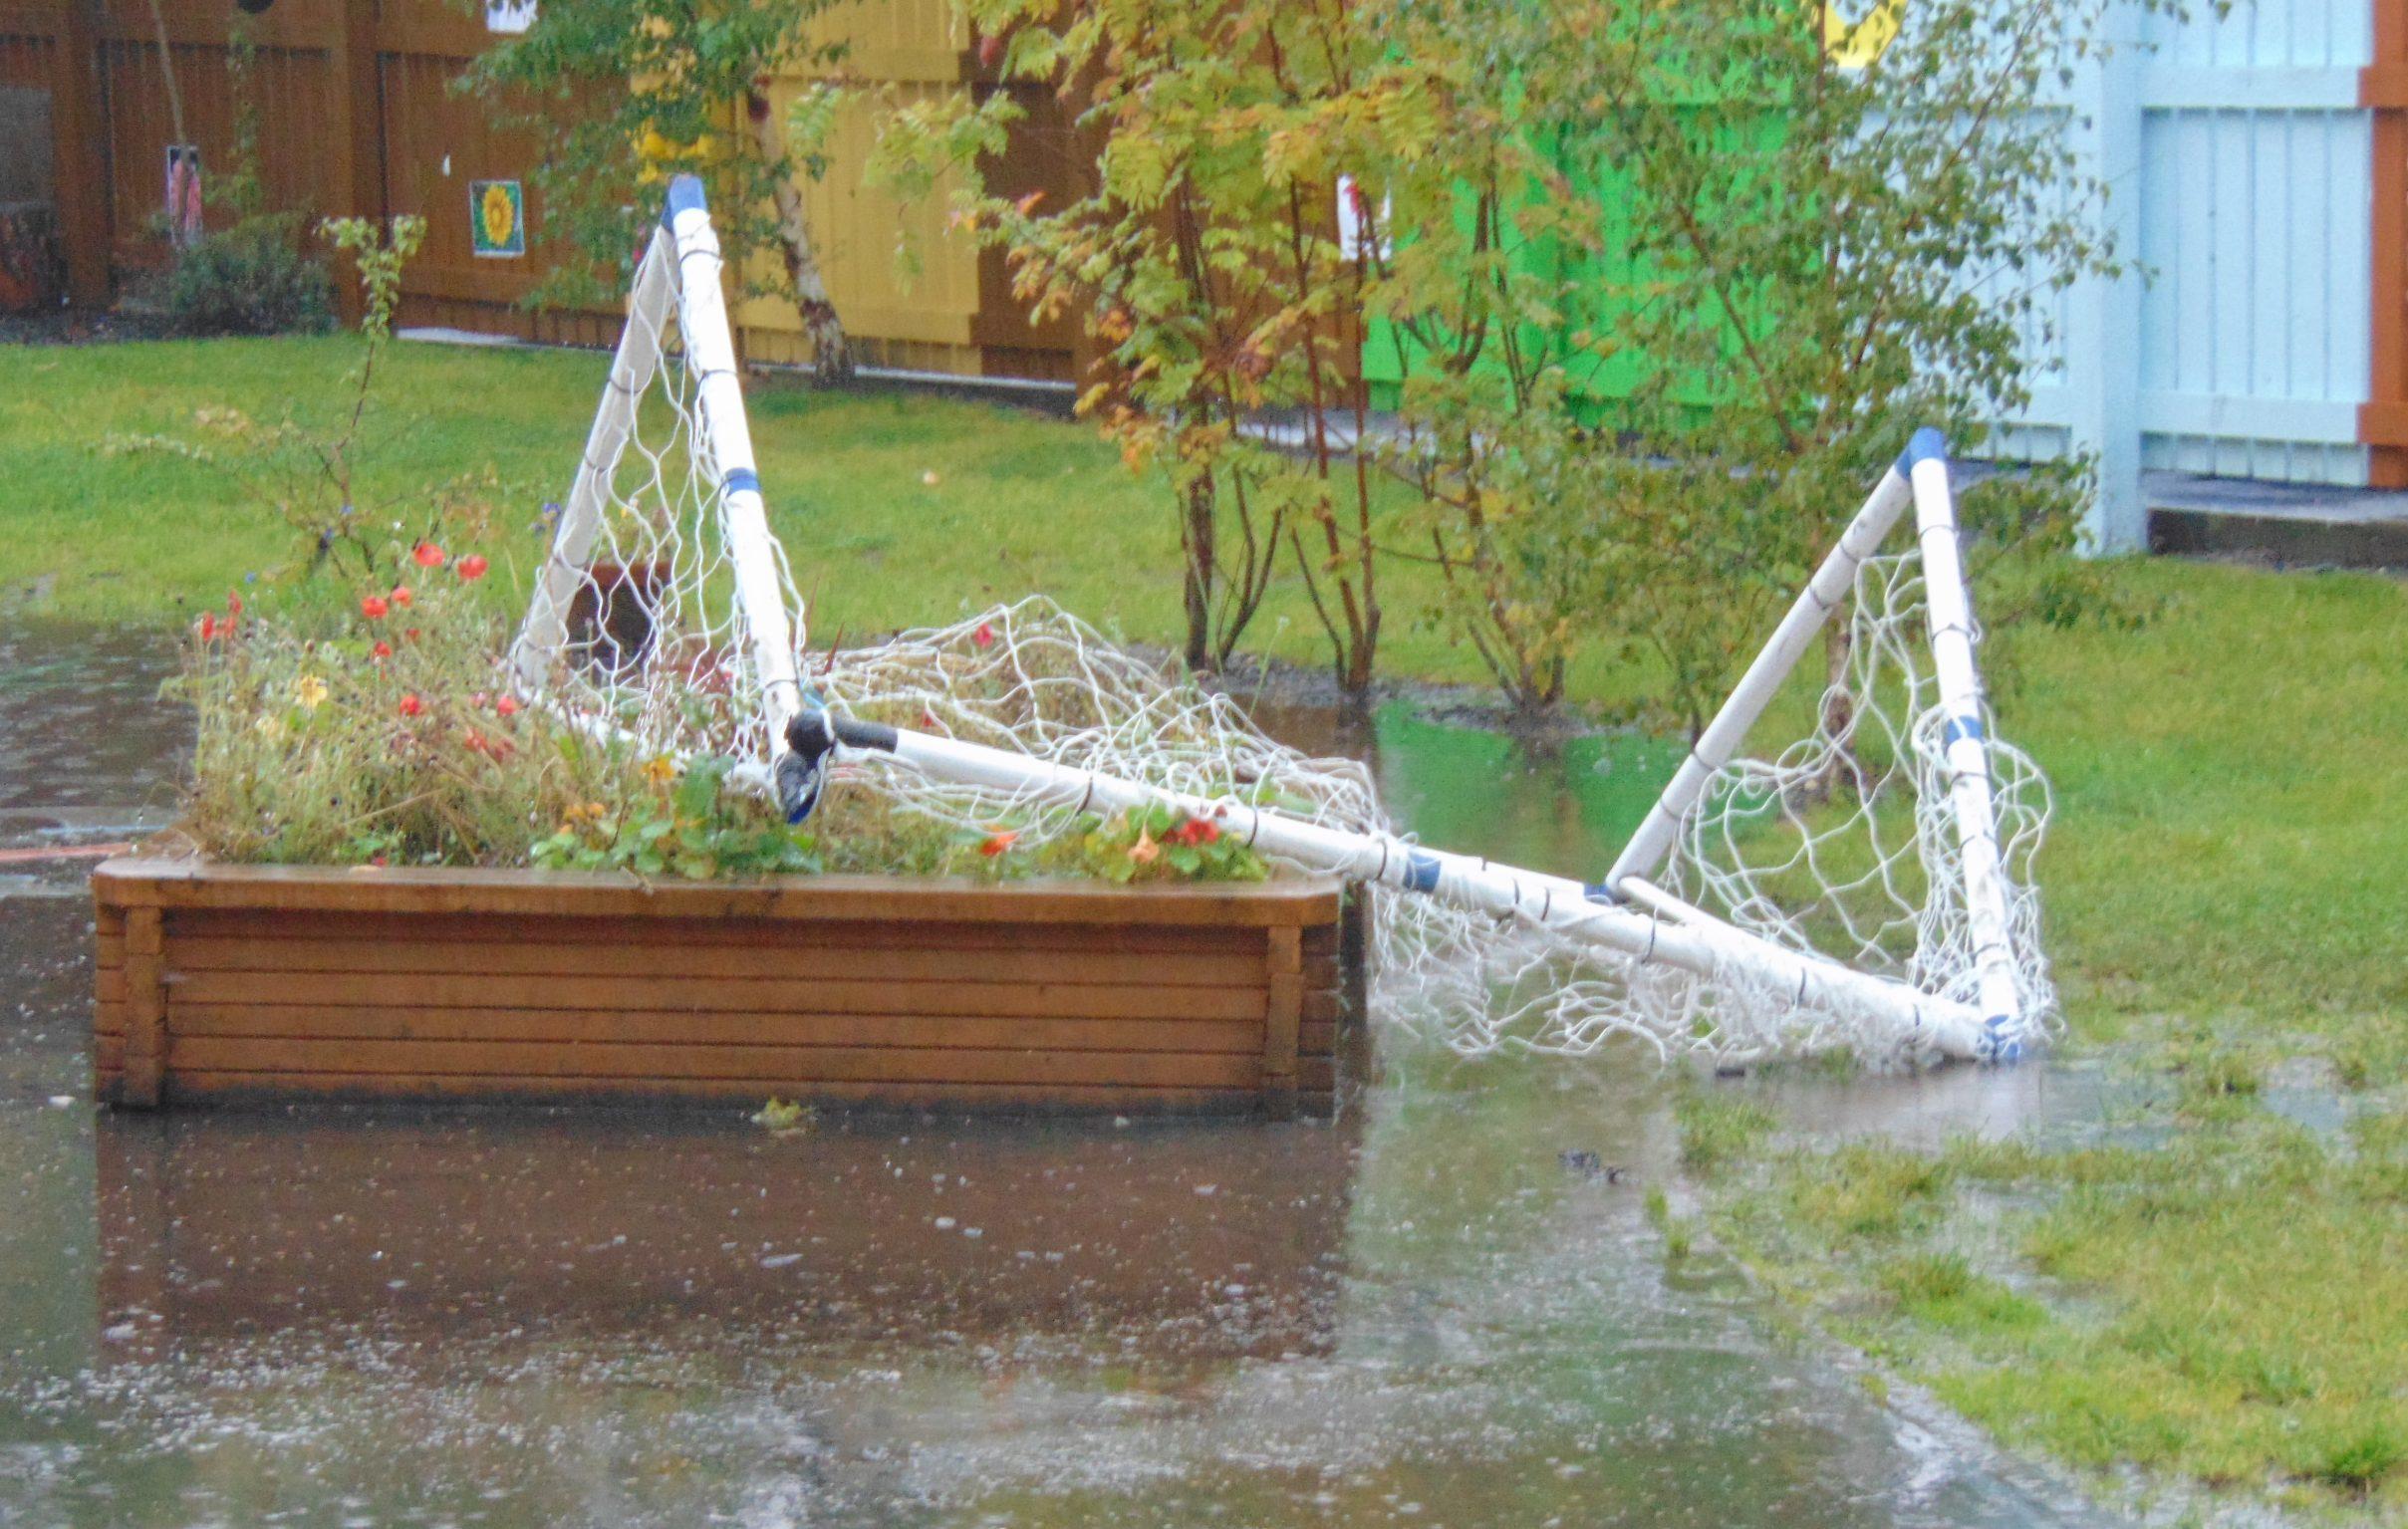 Vandalised football goals at Inch View Nursery School, Perth.